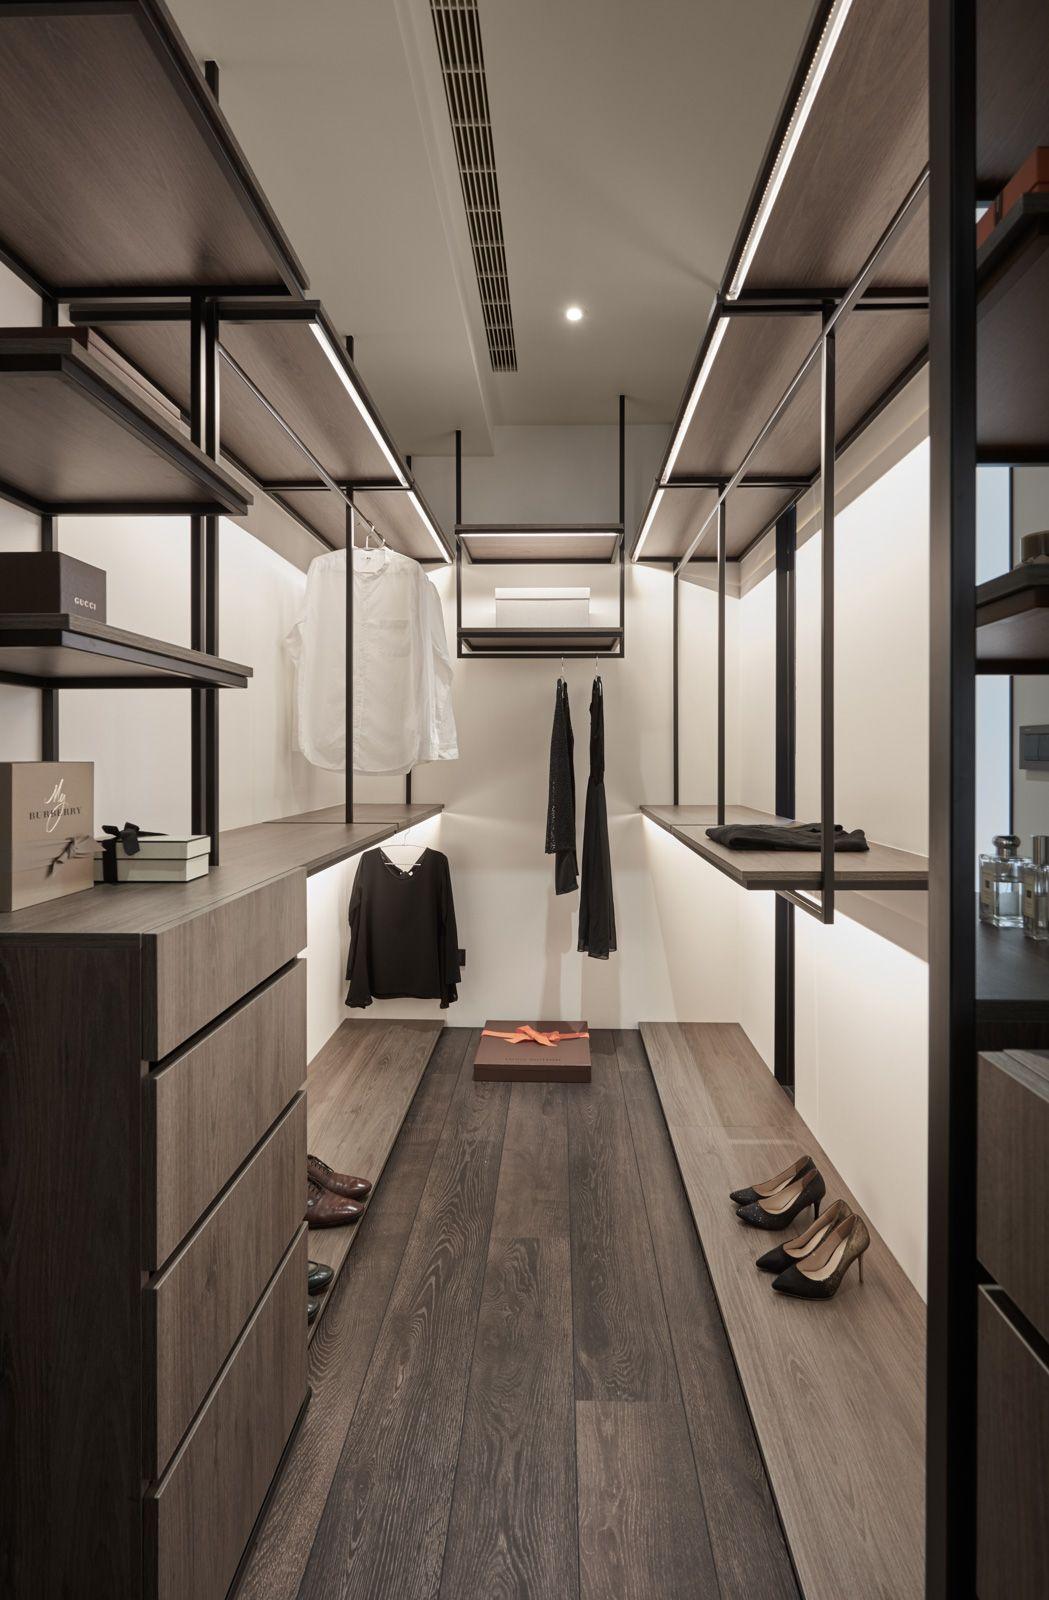 Systemcabinet Interior Design Homedecor Dressingroom Edhouse